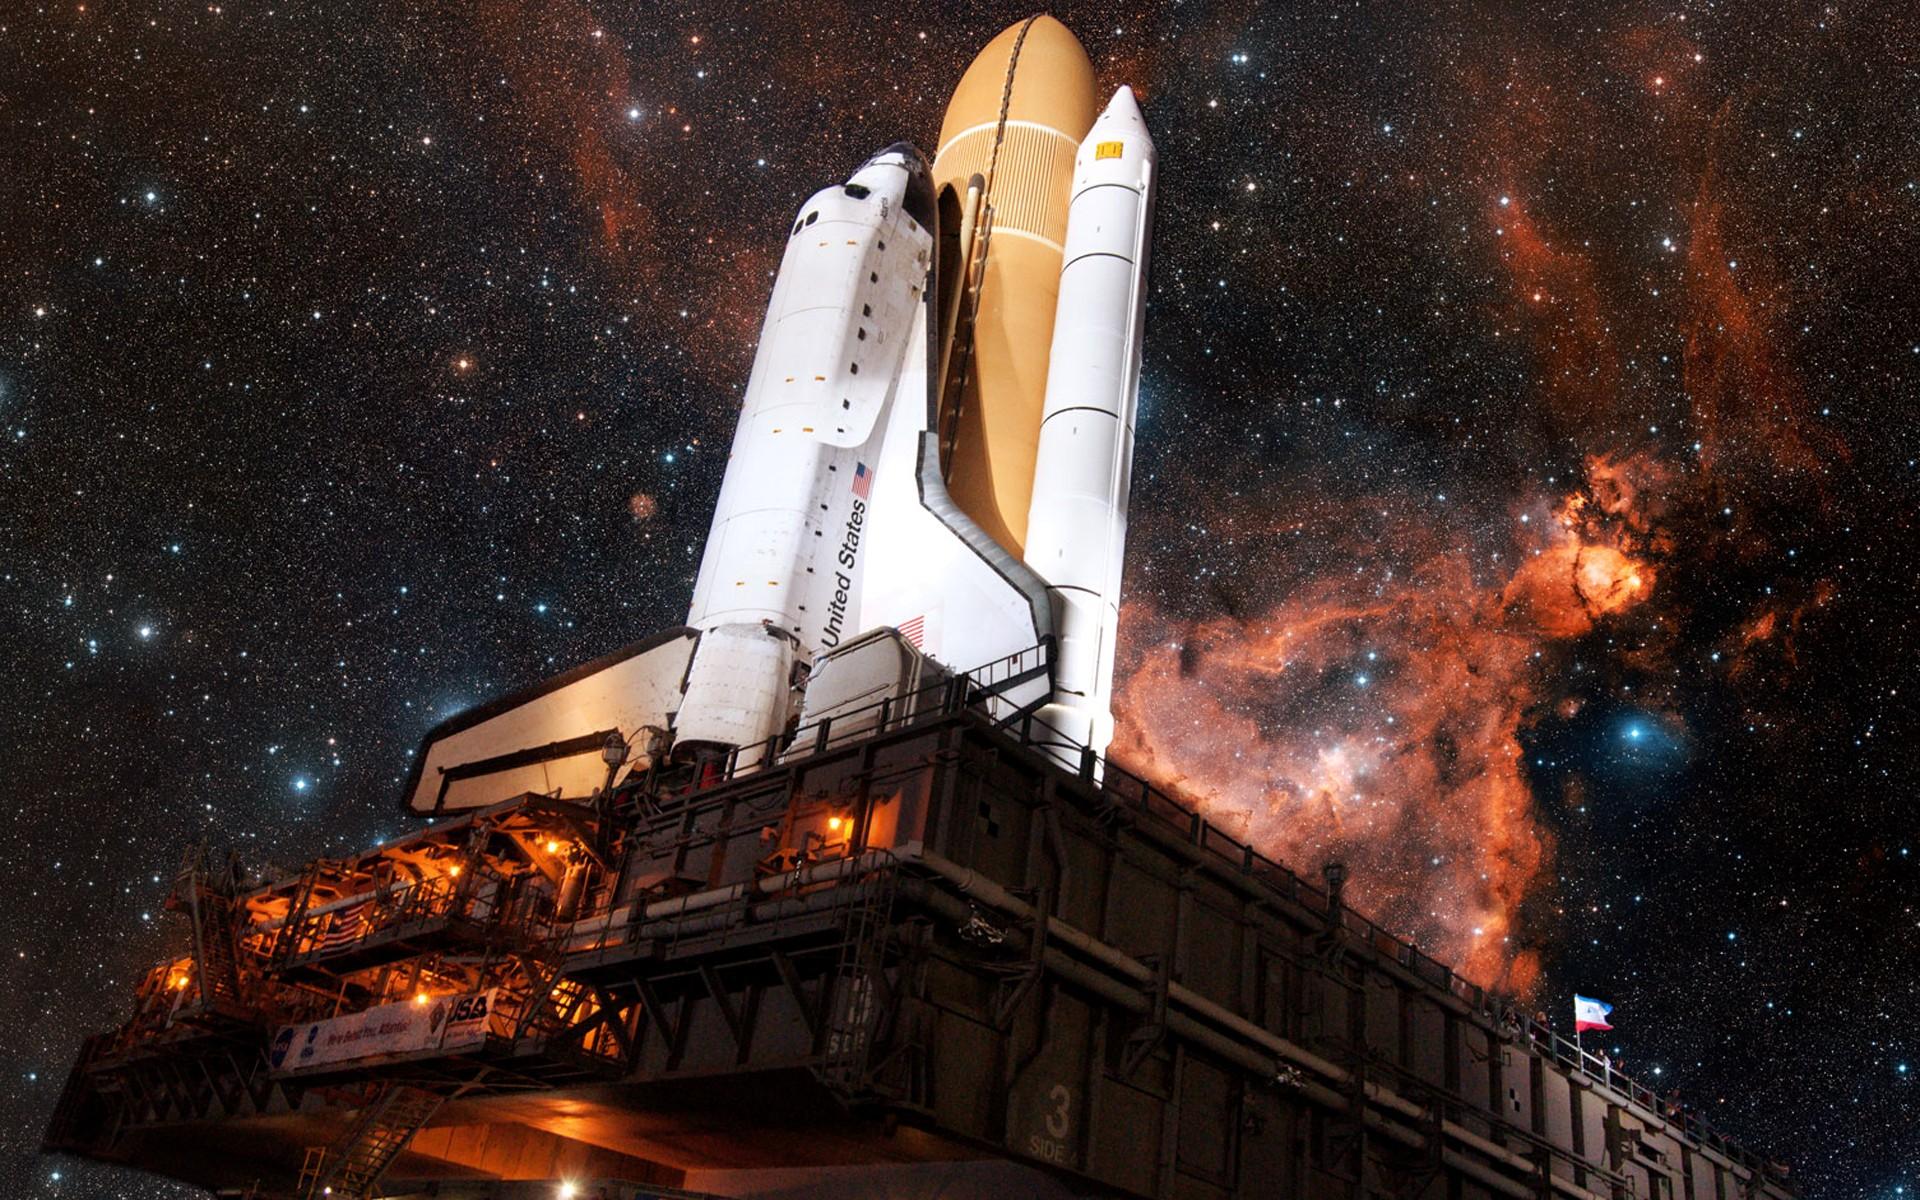 Nasa Space Shuttle Launch Pad Hd Wallpaper - Space Shuttle , HD Wallpaper & Backgrounds